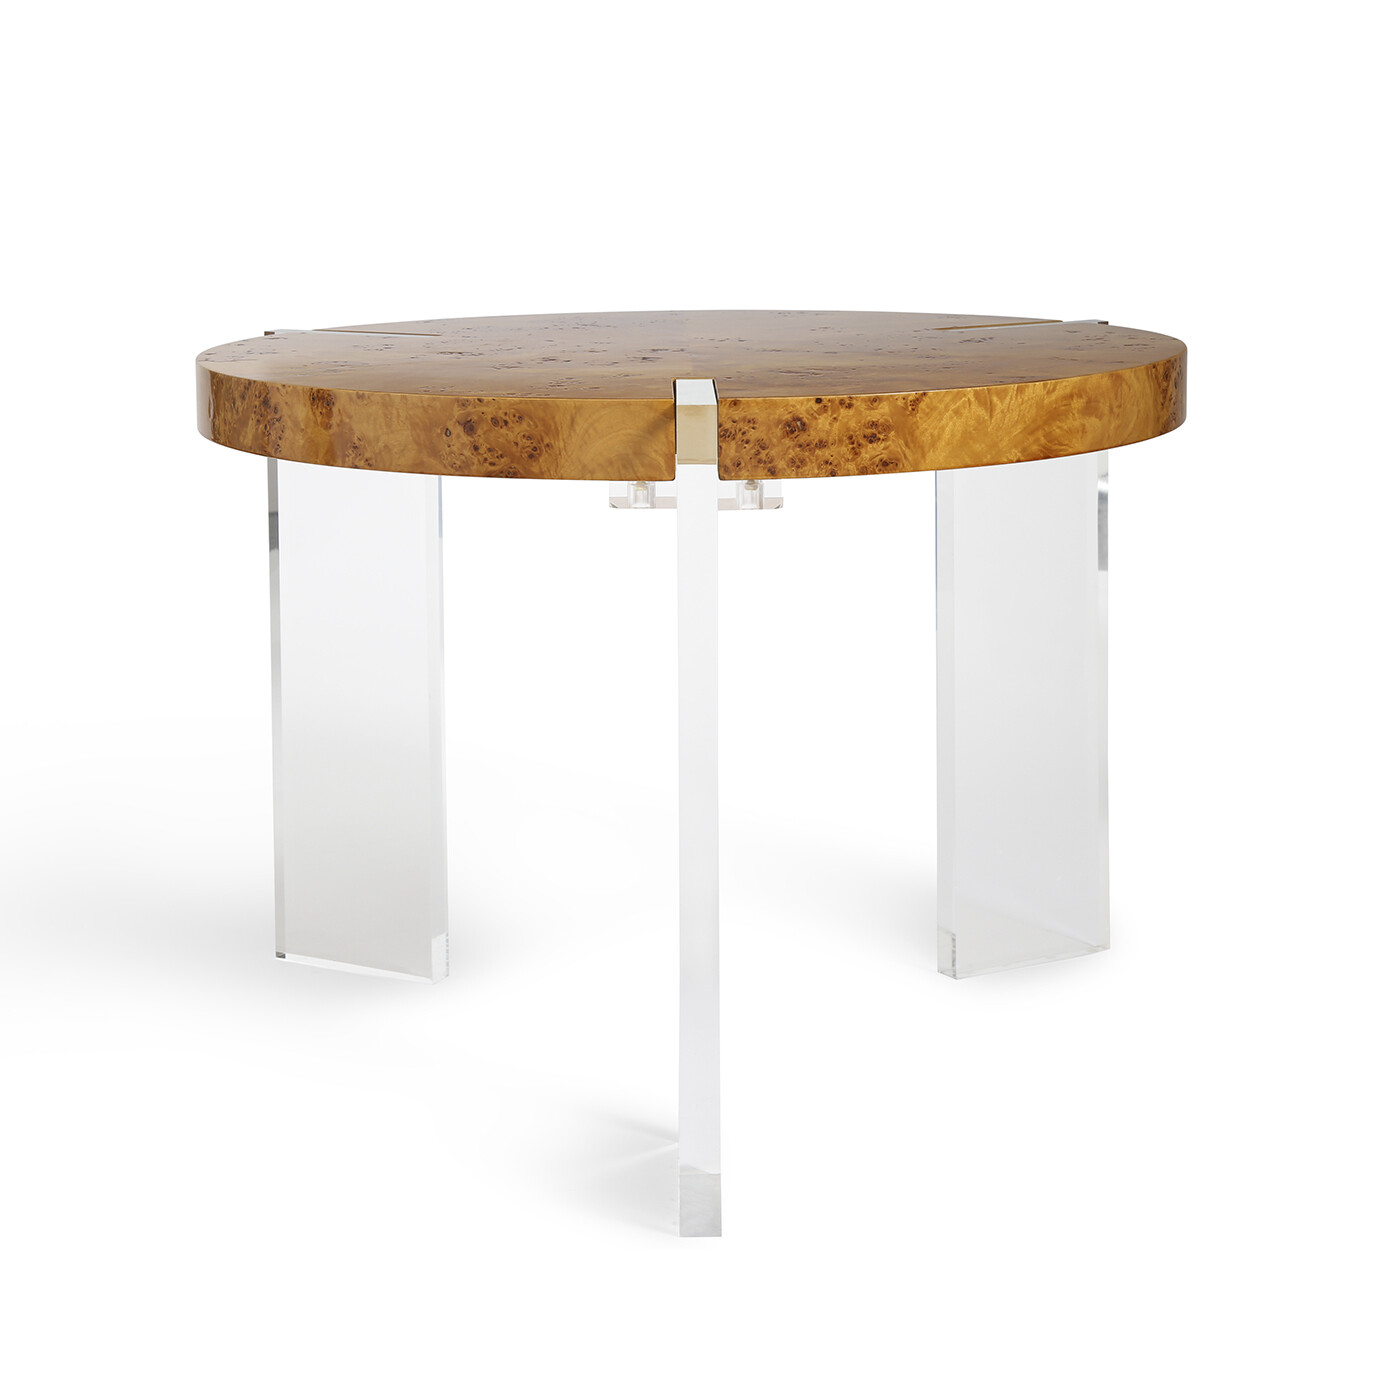 Jonathan Adler Bond Occasional Table